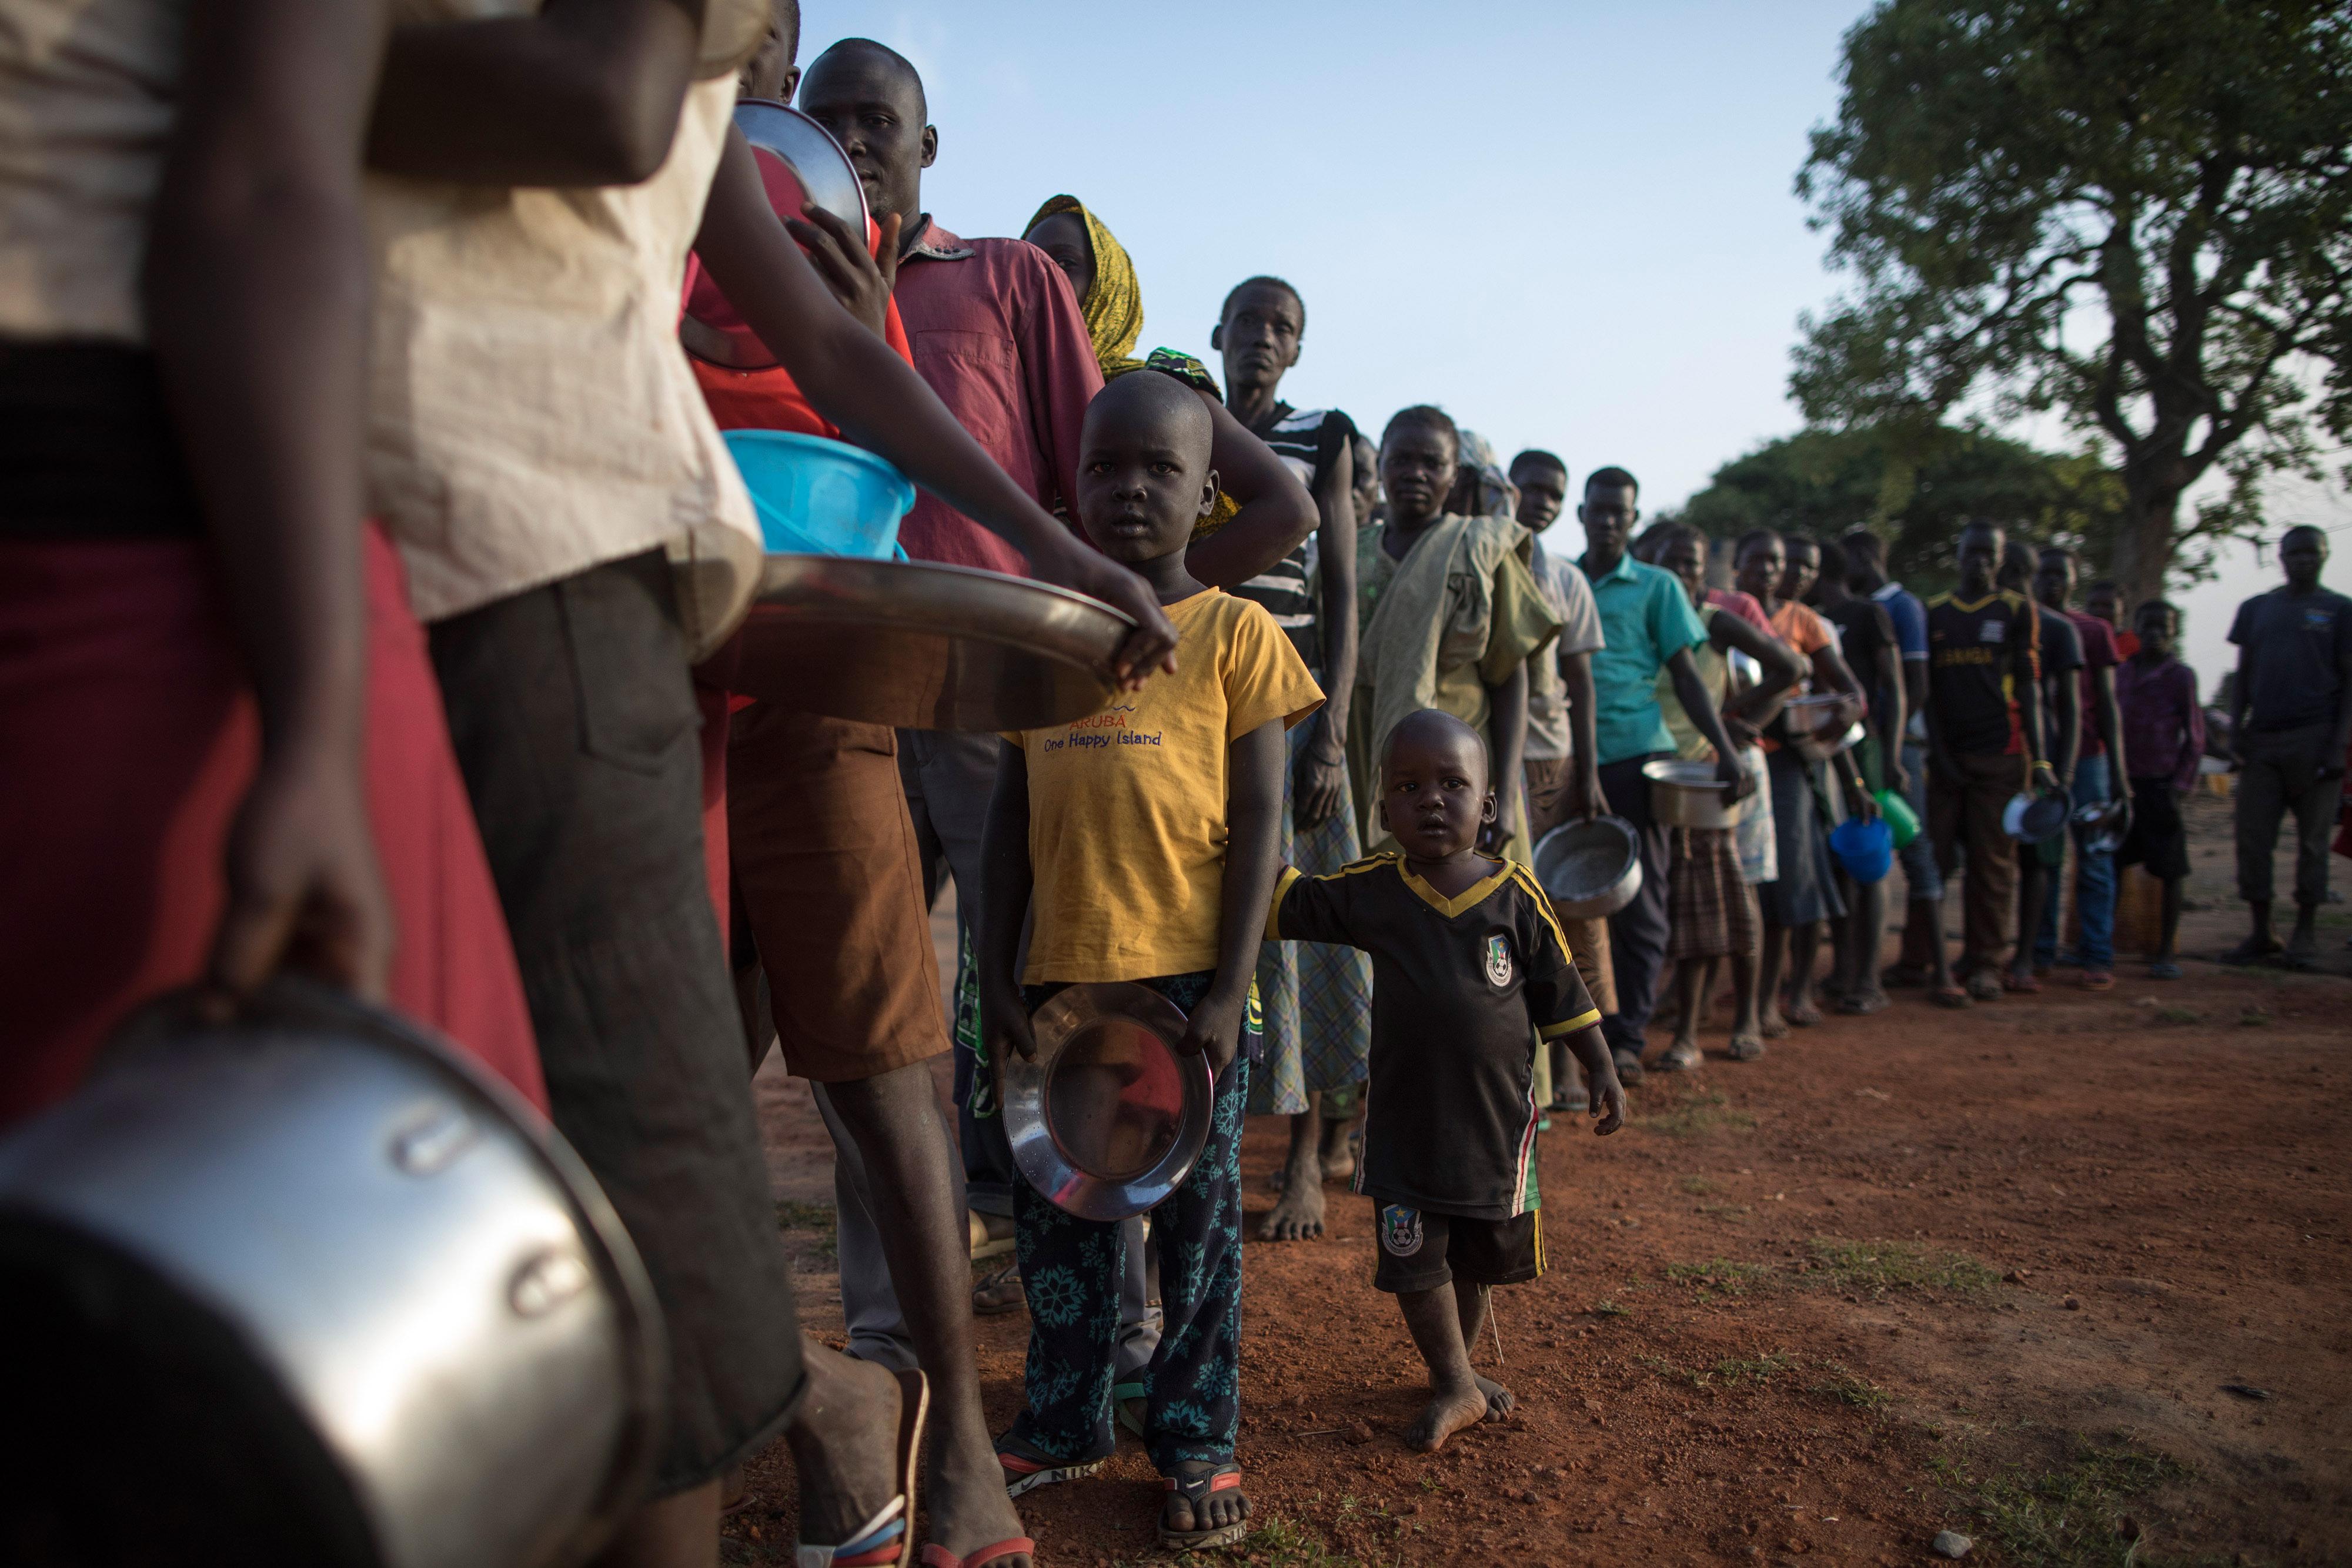 A második világháború óta nem volt ekkora humanitárius válság a Földön